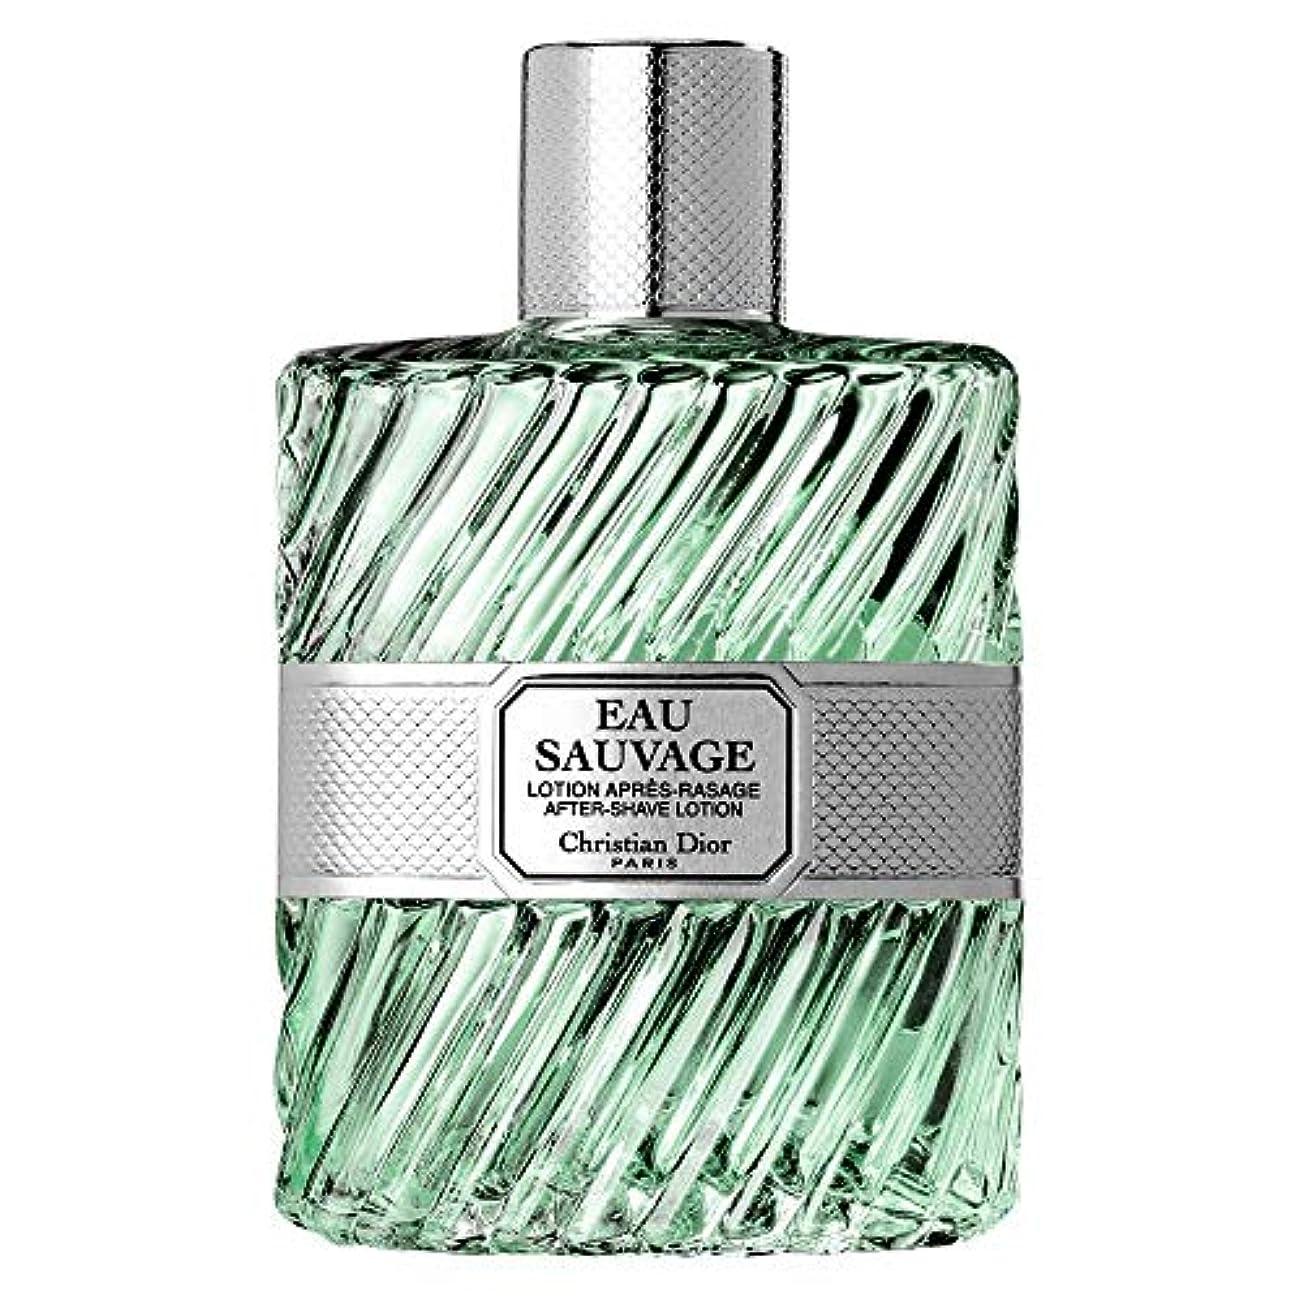 ビバ受信機法的[Dior] ローションスプレー100Mlとしてディオールオーソバージュ - Dior Eau Sauvage AS Lotion Spray 100ml [並行輸入品]